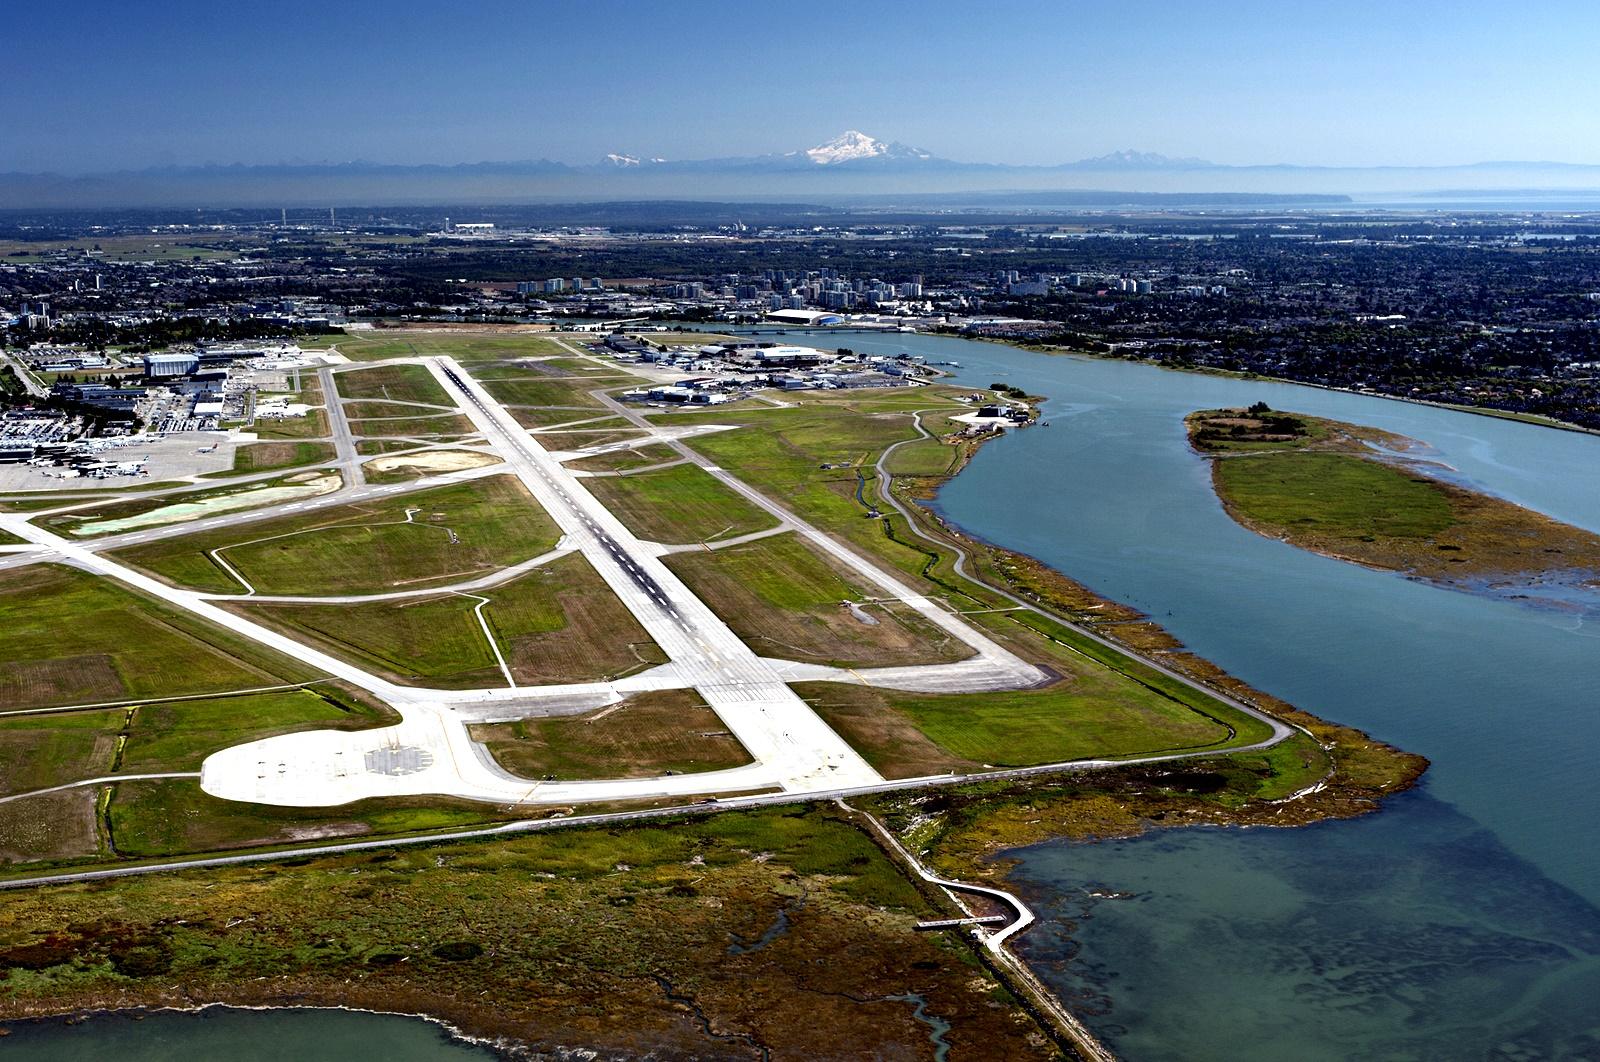 Международно летище Ванкувър<br /> Това, което отличава, летището във Ванкувър от всички останали е, че то обръща поглед не само към небето, но и към земята… или по-точно – водата. На това летище може да се насладите на огромен аквариум, в която екзотични водни видове плуват сред 20 000 красиви морски растения.